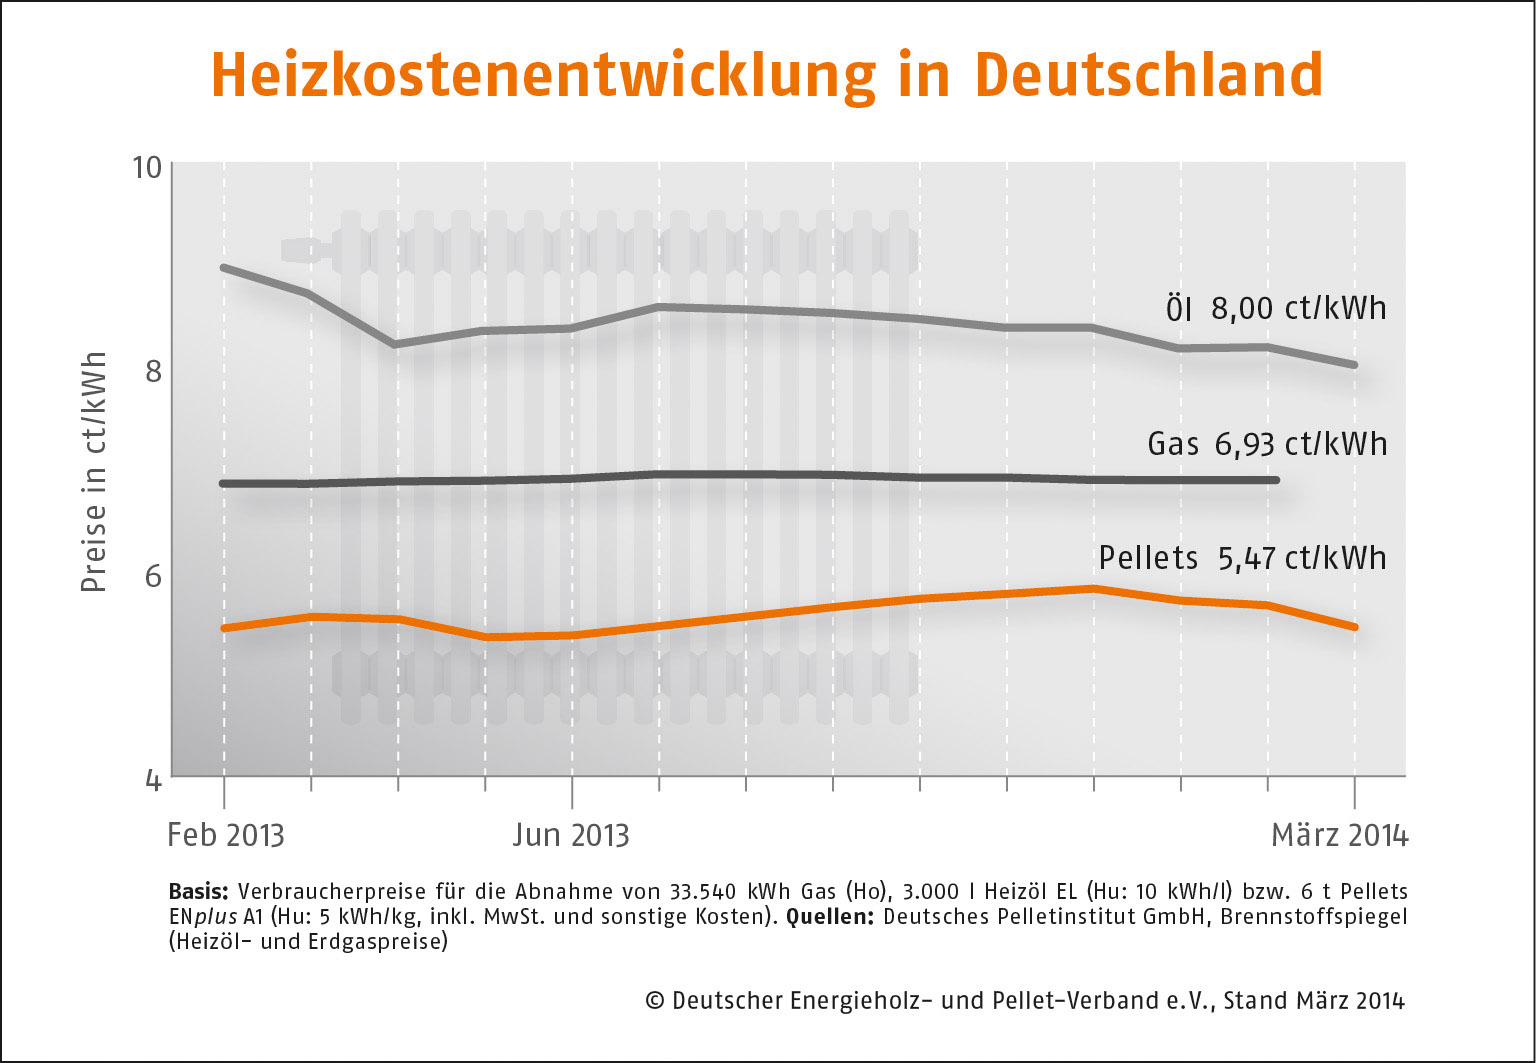 Heizkostenentwicklung-Deutschland 2014-03